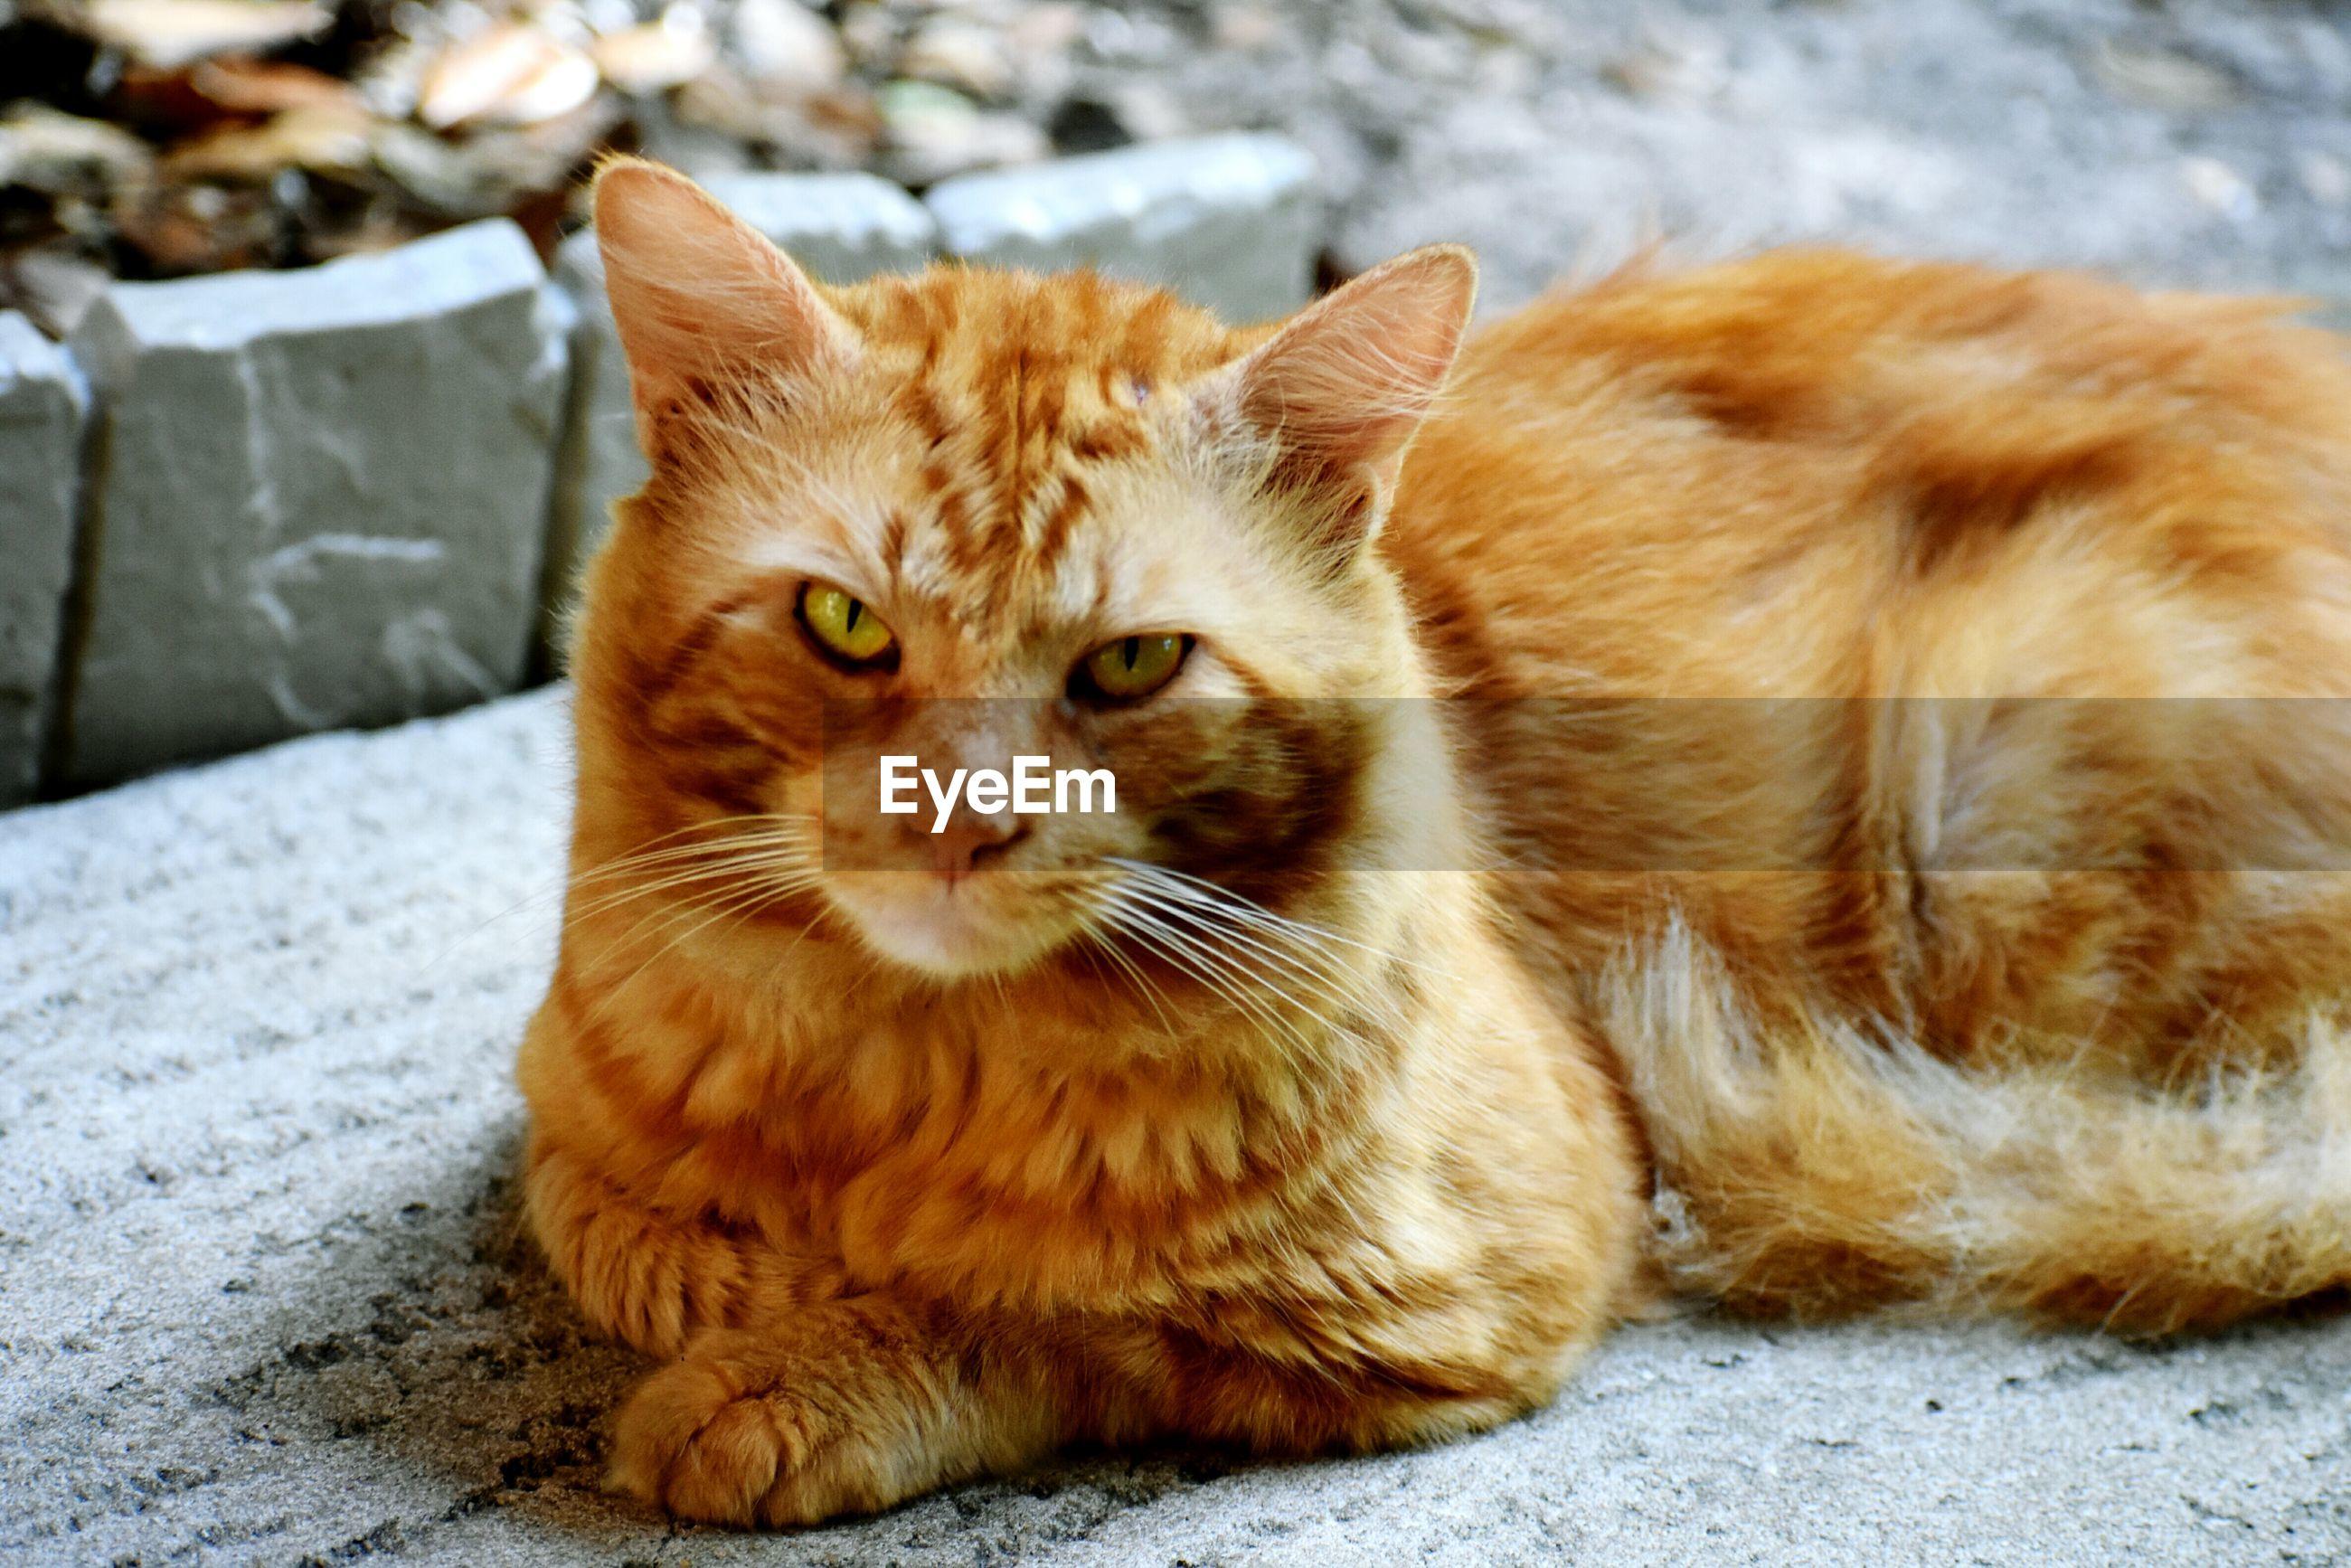 PORTRAIT OF GINGER CAT SITTING ON FLOOR